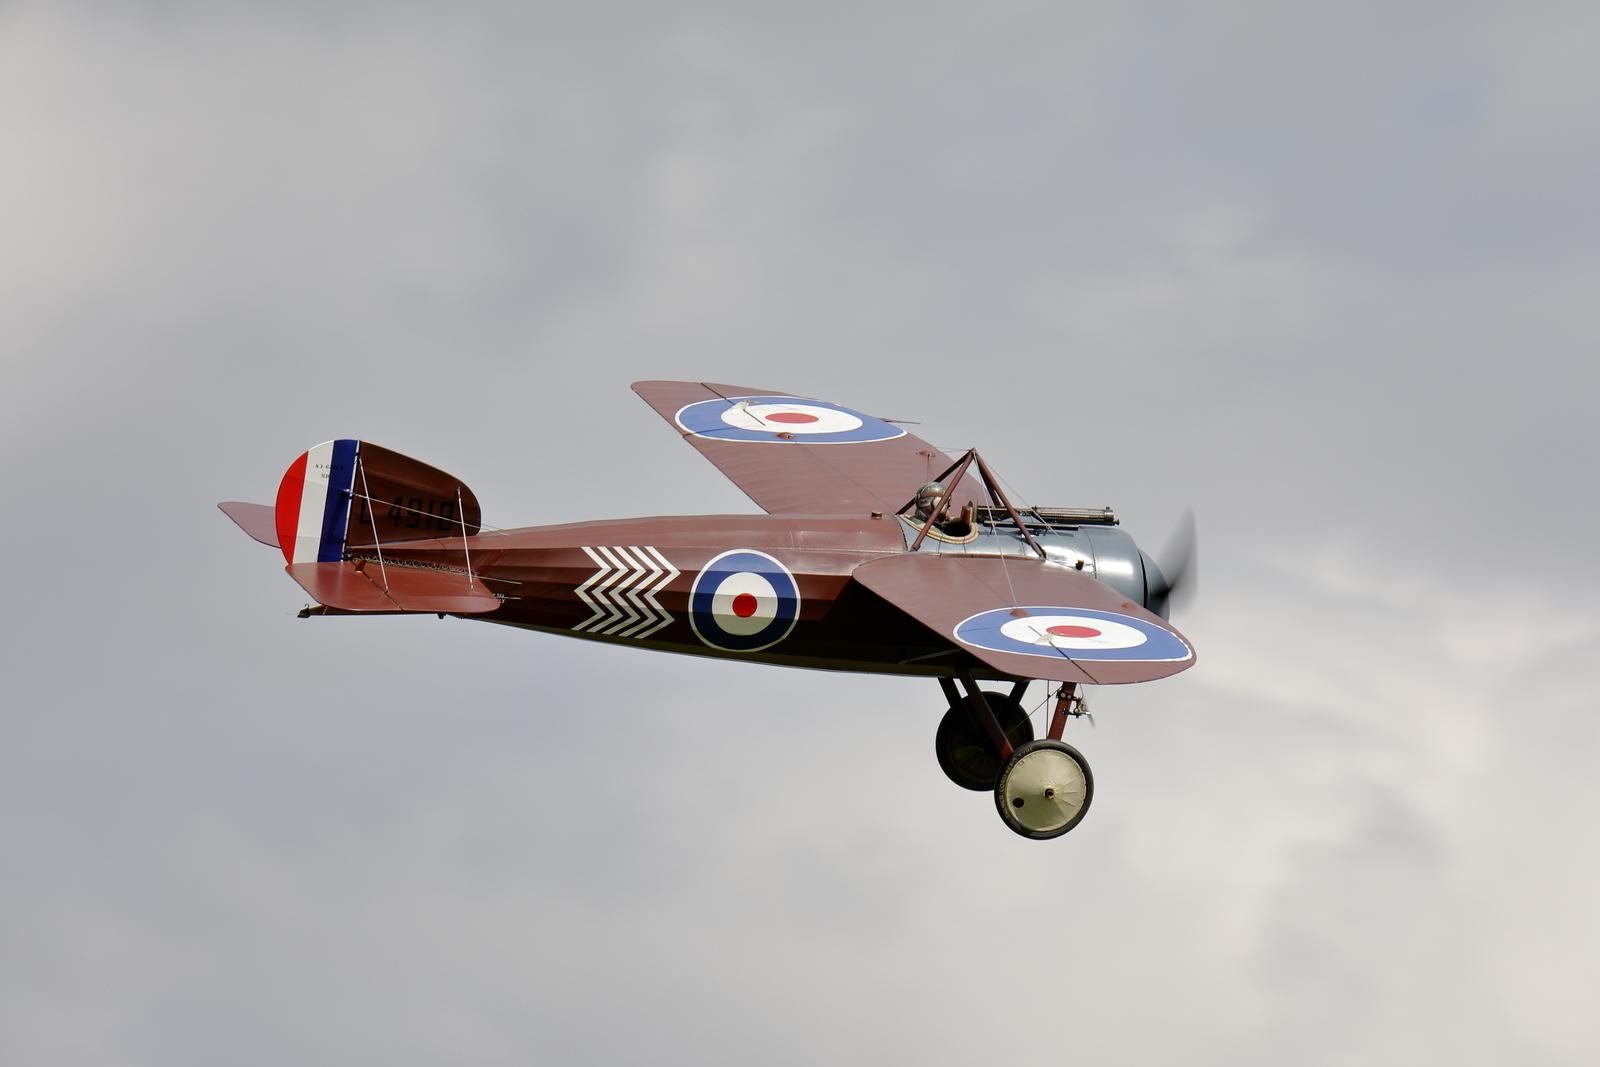 IMAGE: https://photos.smugmug.com/Aircraft/Props/i-RBFbSwL/0/03d97329/X3/00020052-X3.jpg